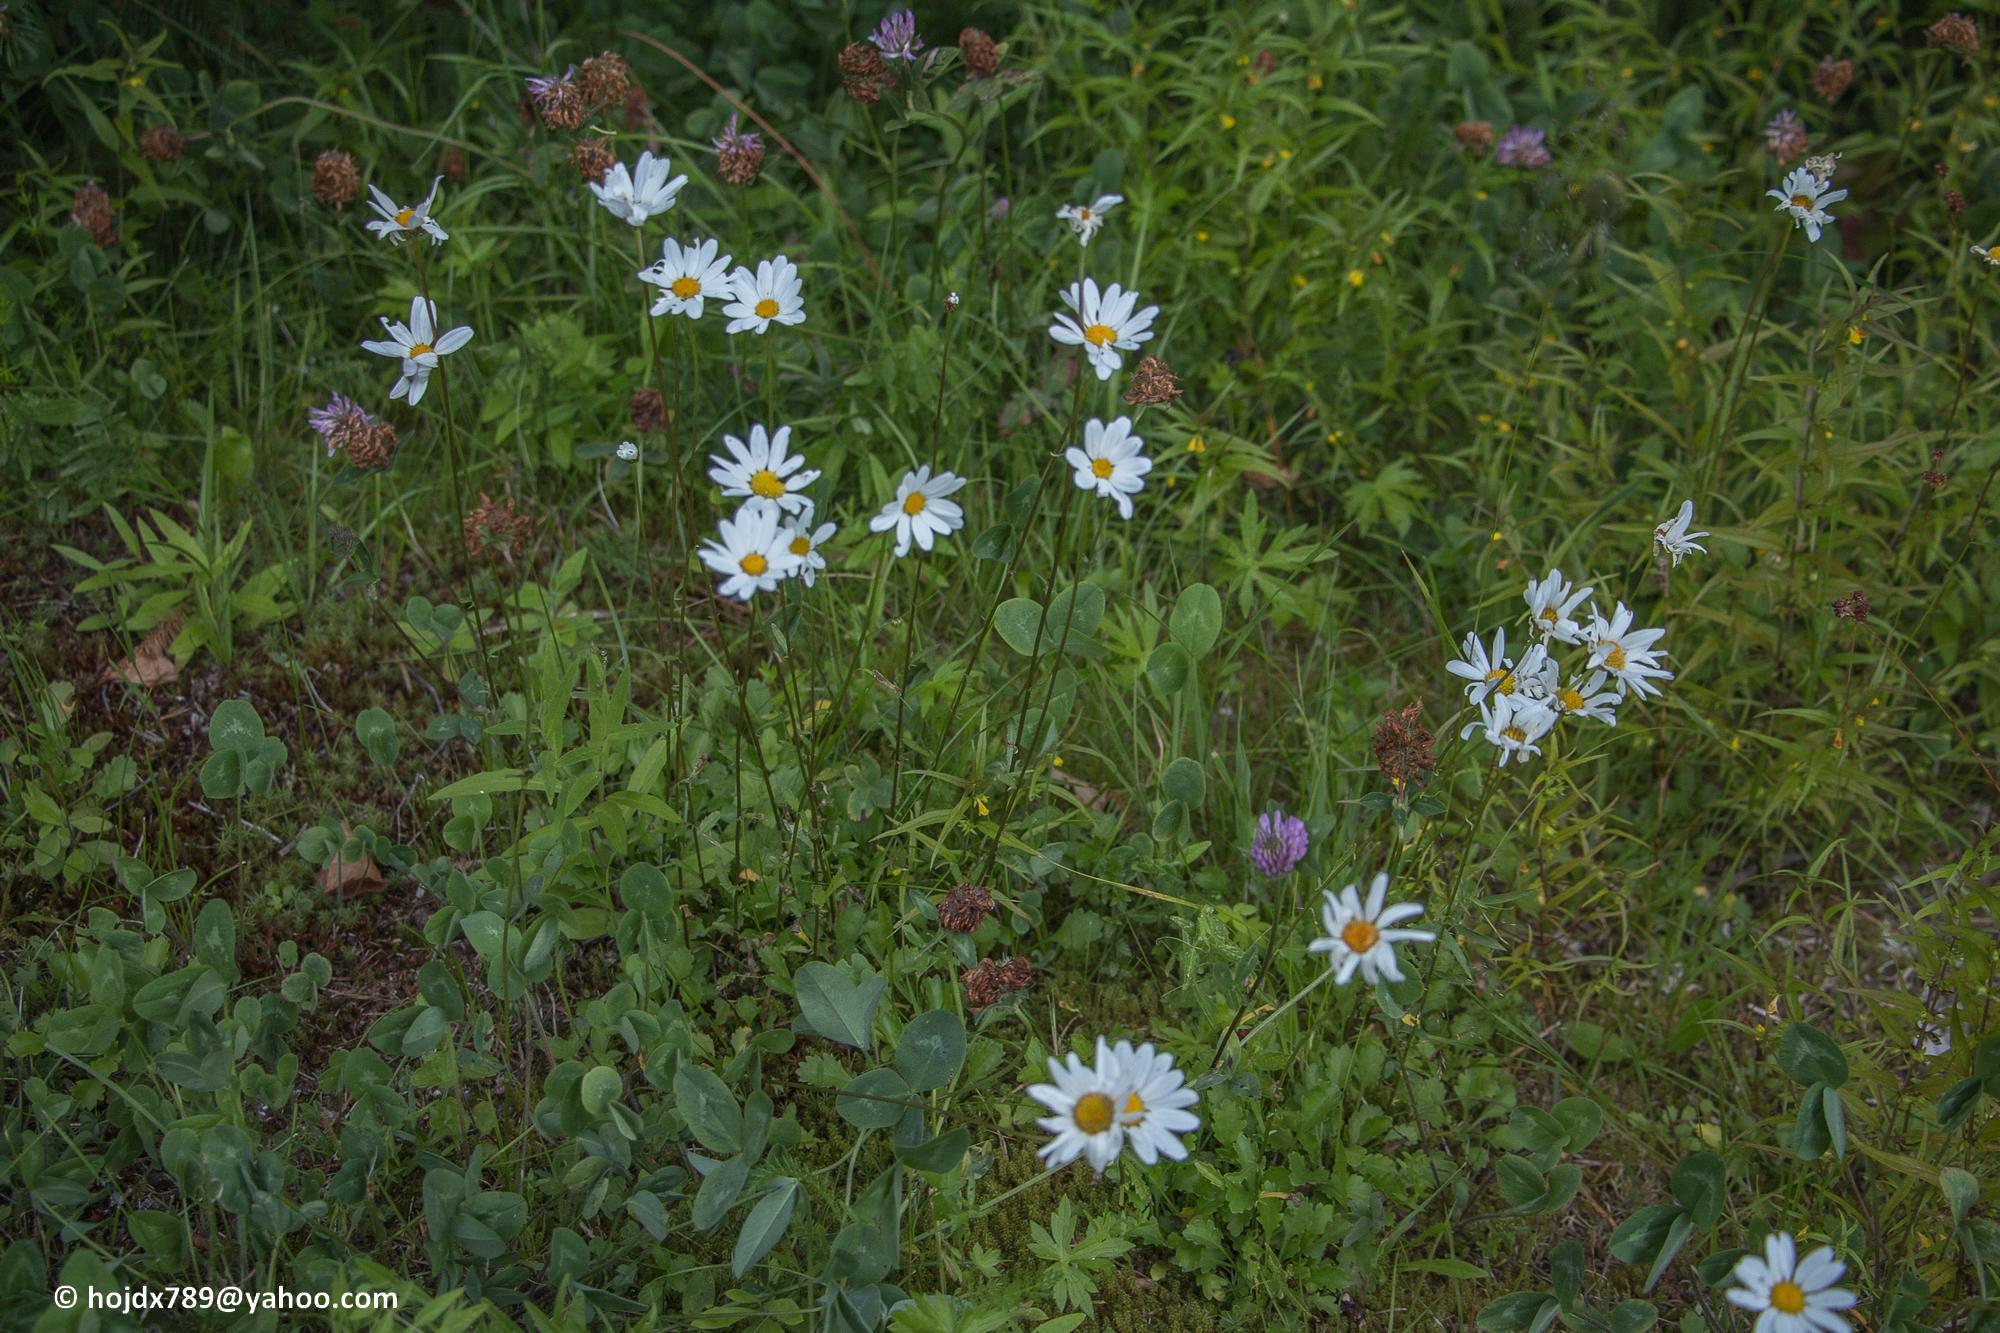 2016-07-24 blommor (2)